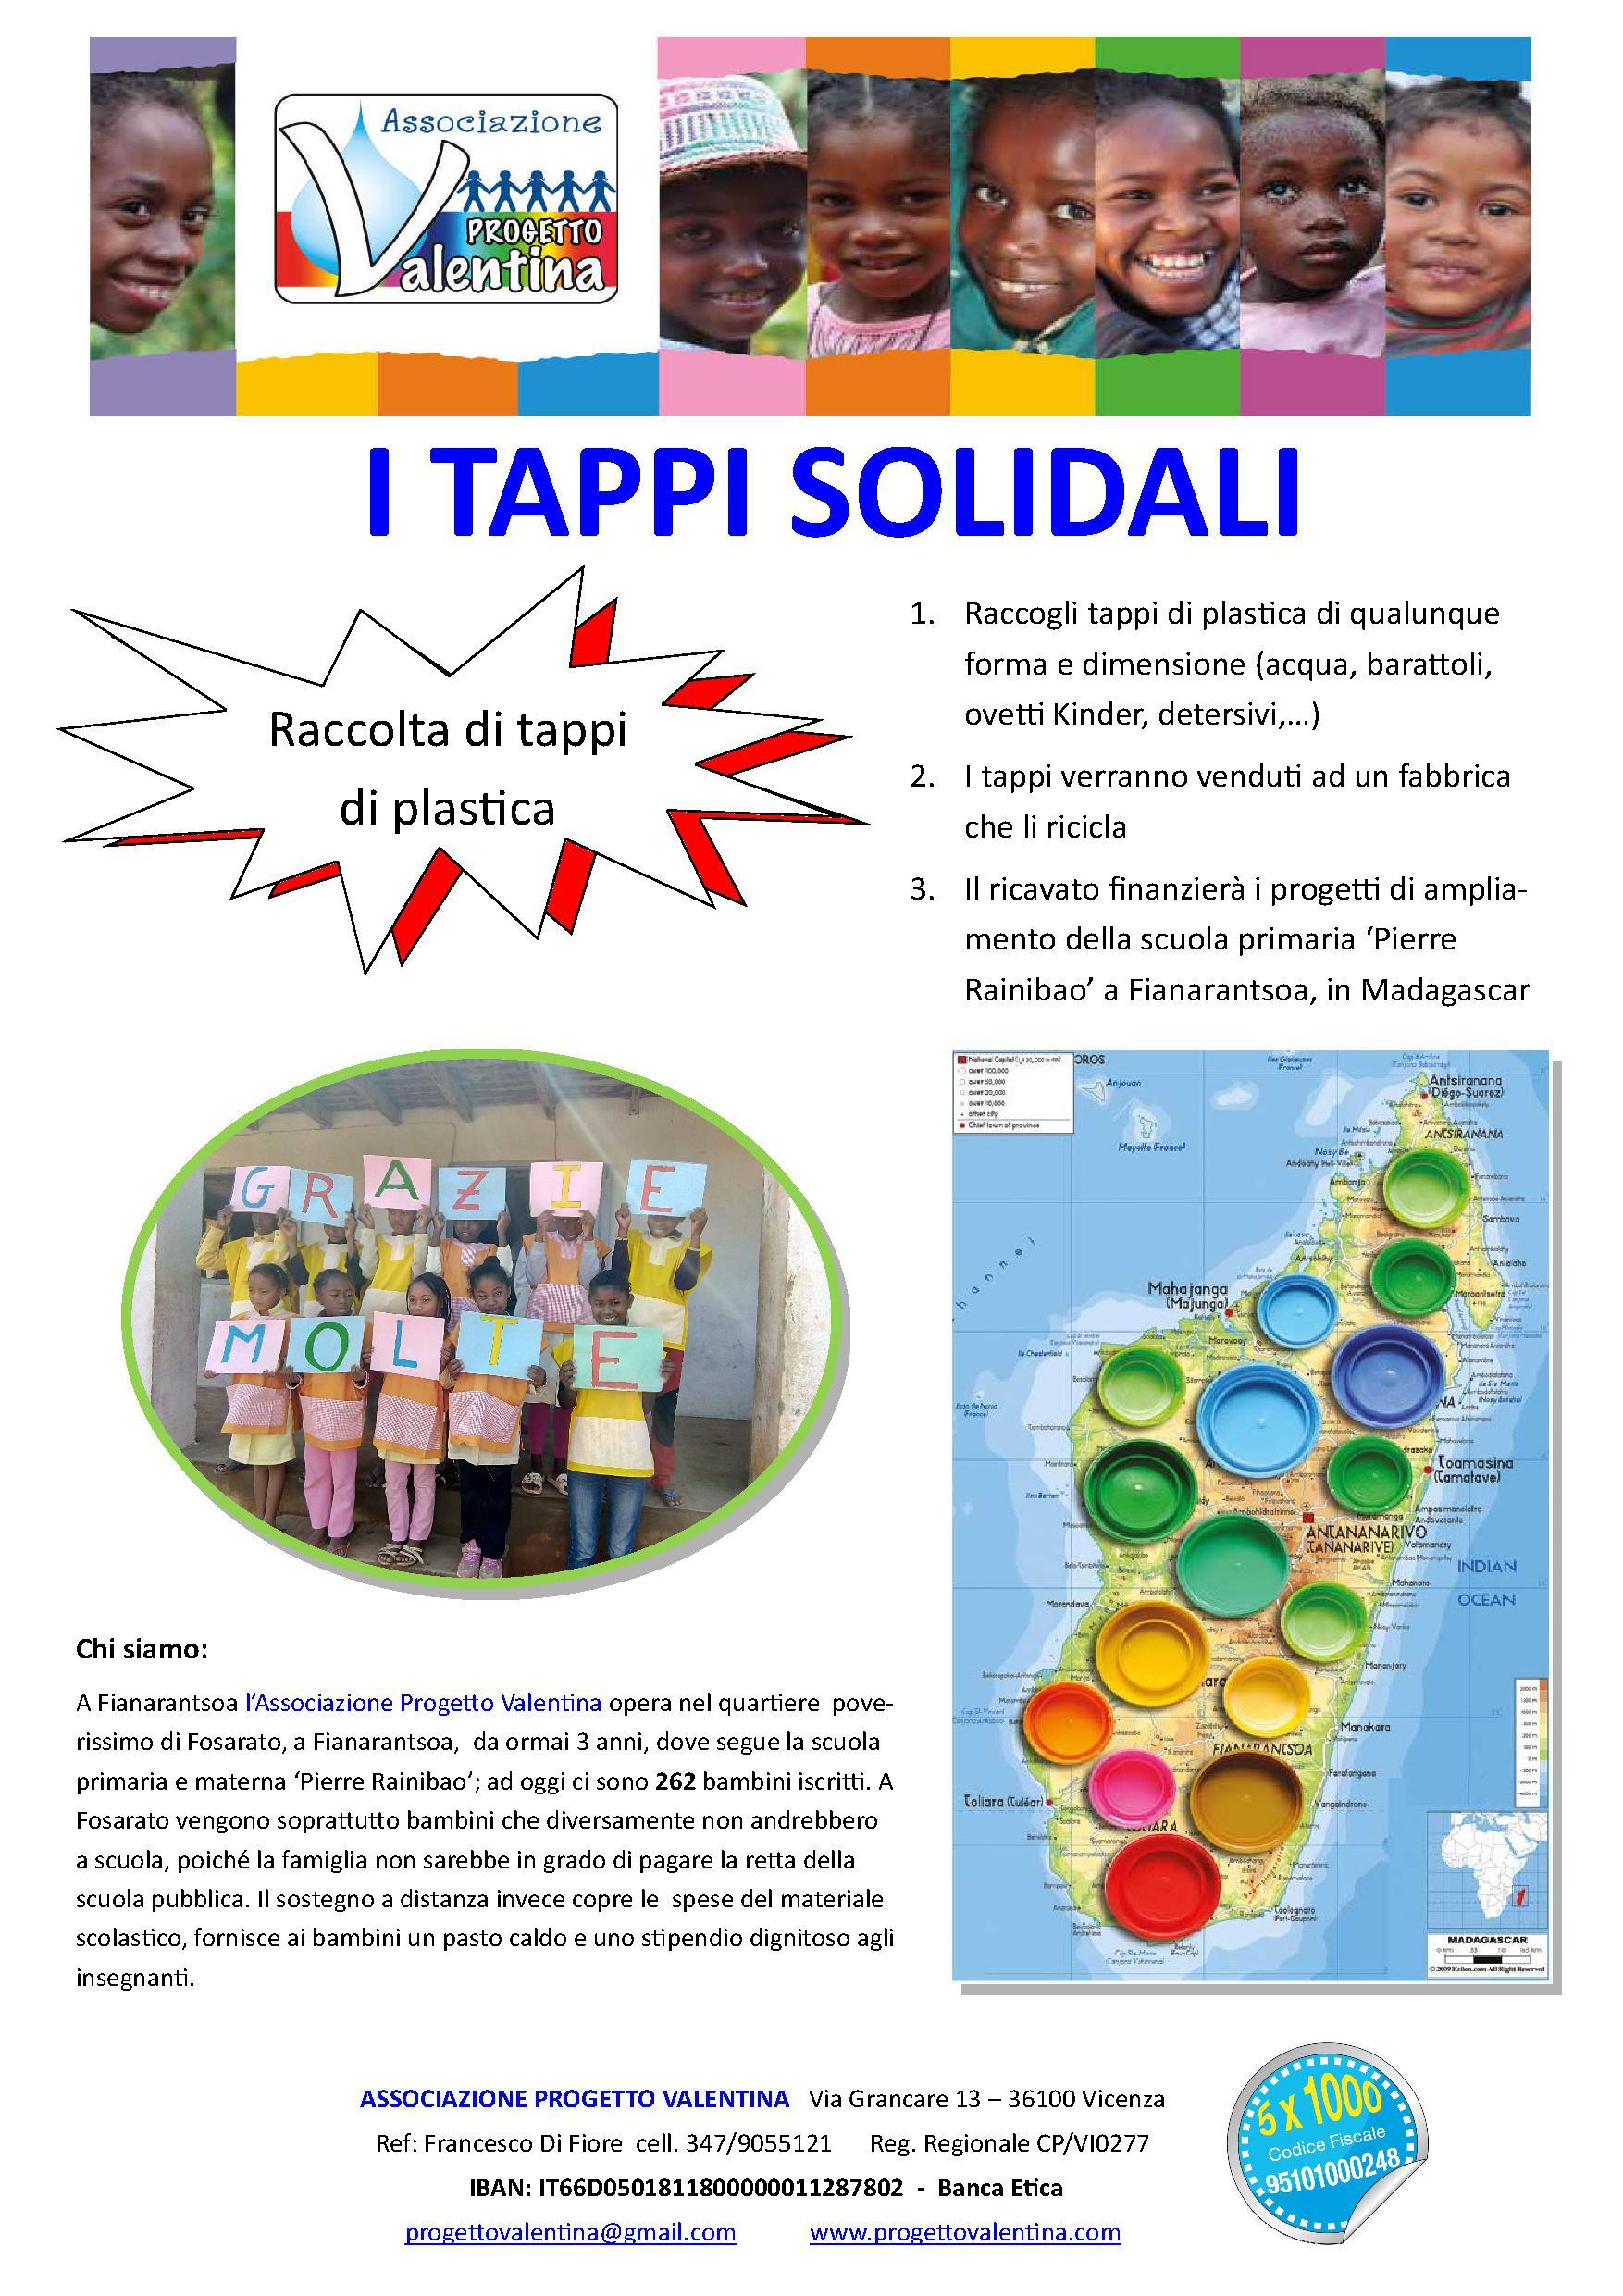 I Tappi Solidali - Raccolta di tappi di plastica